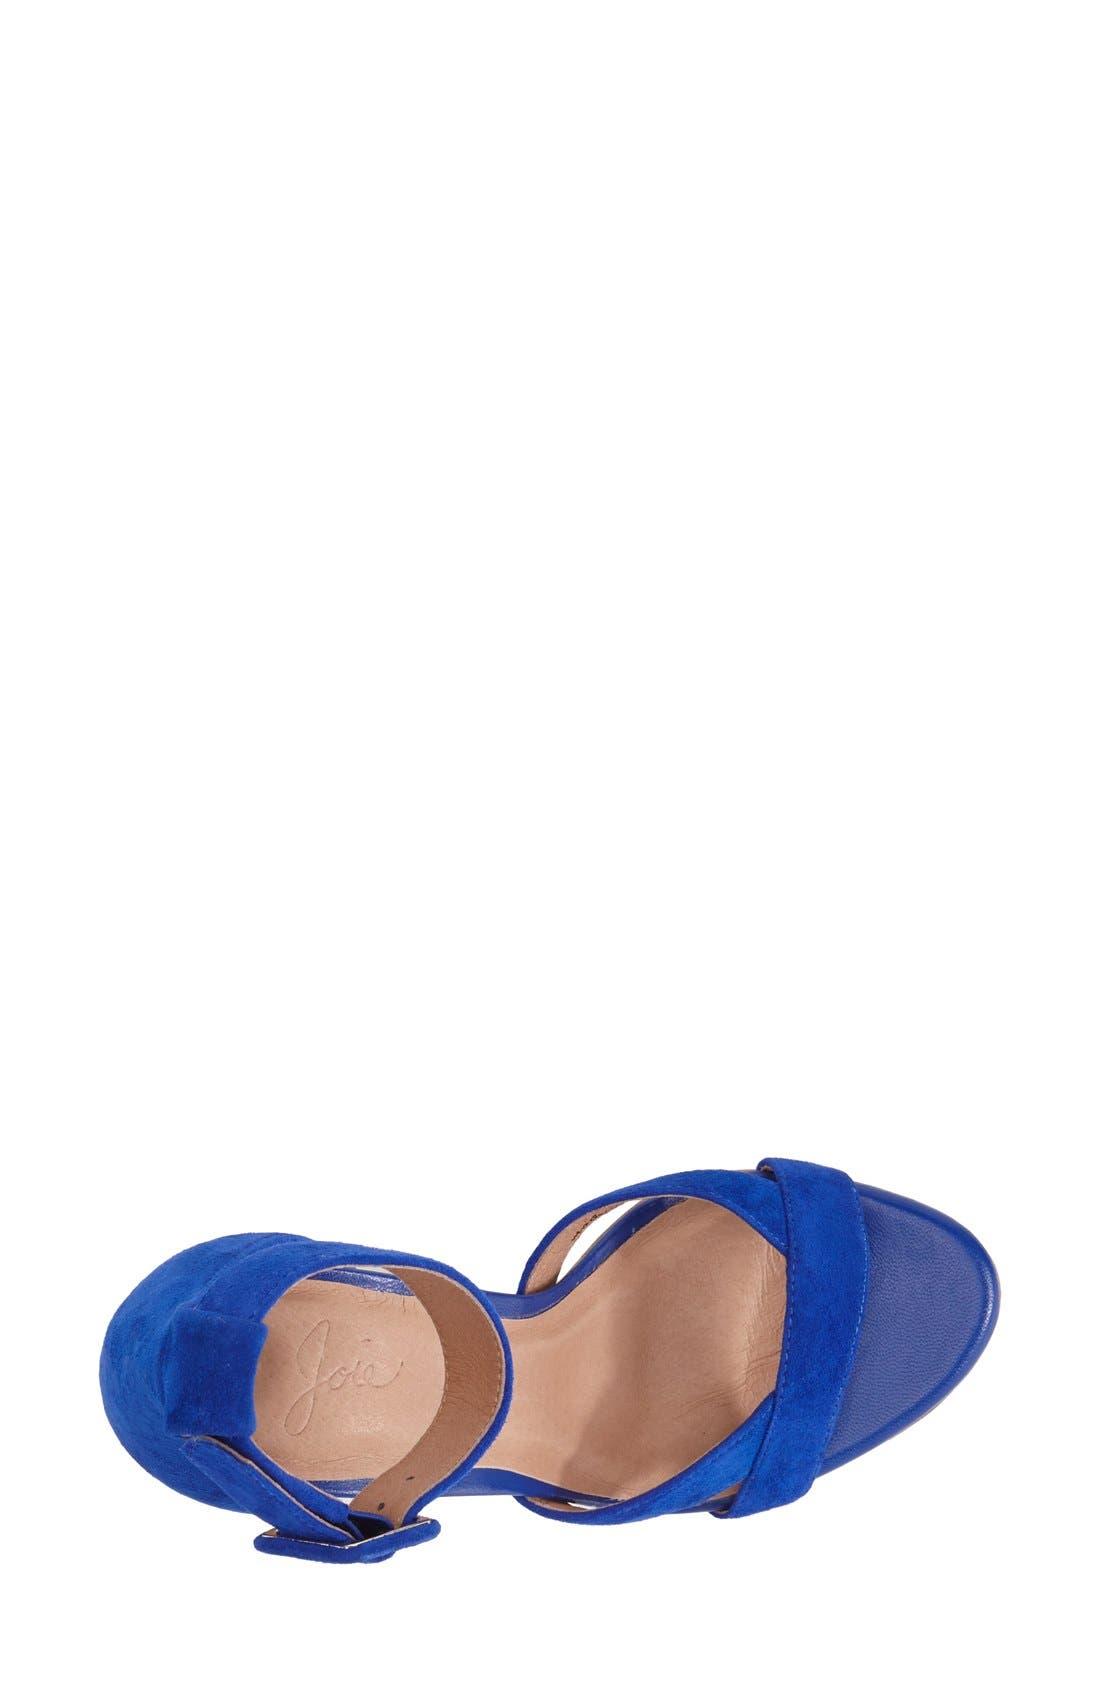 Alternate Image 3  - Joie 'Alvita' Sandal (Women)